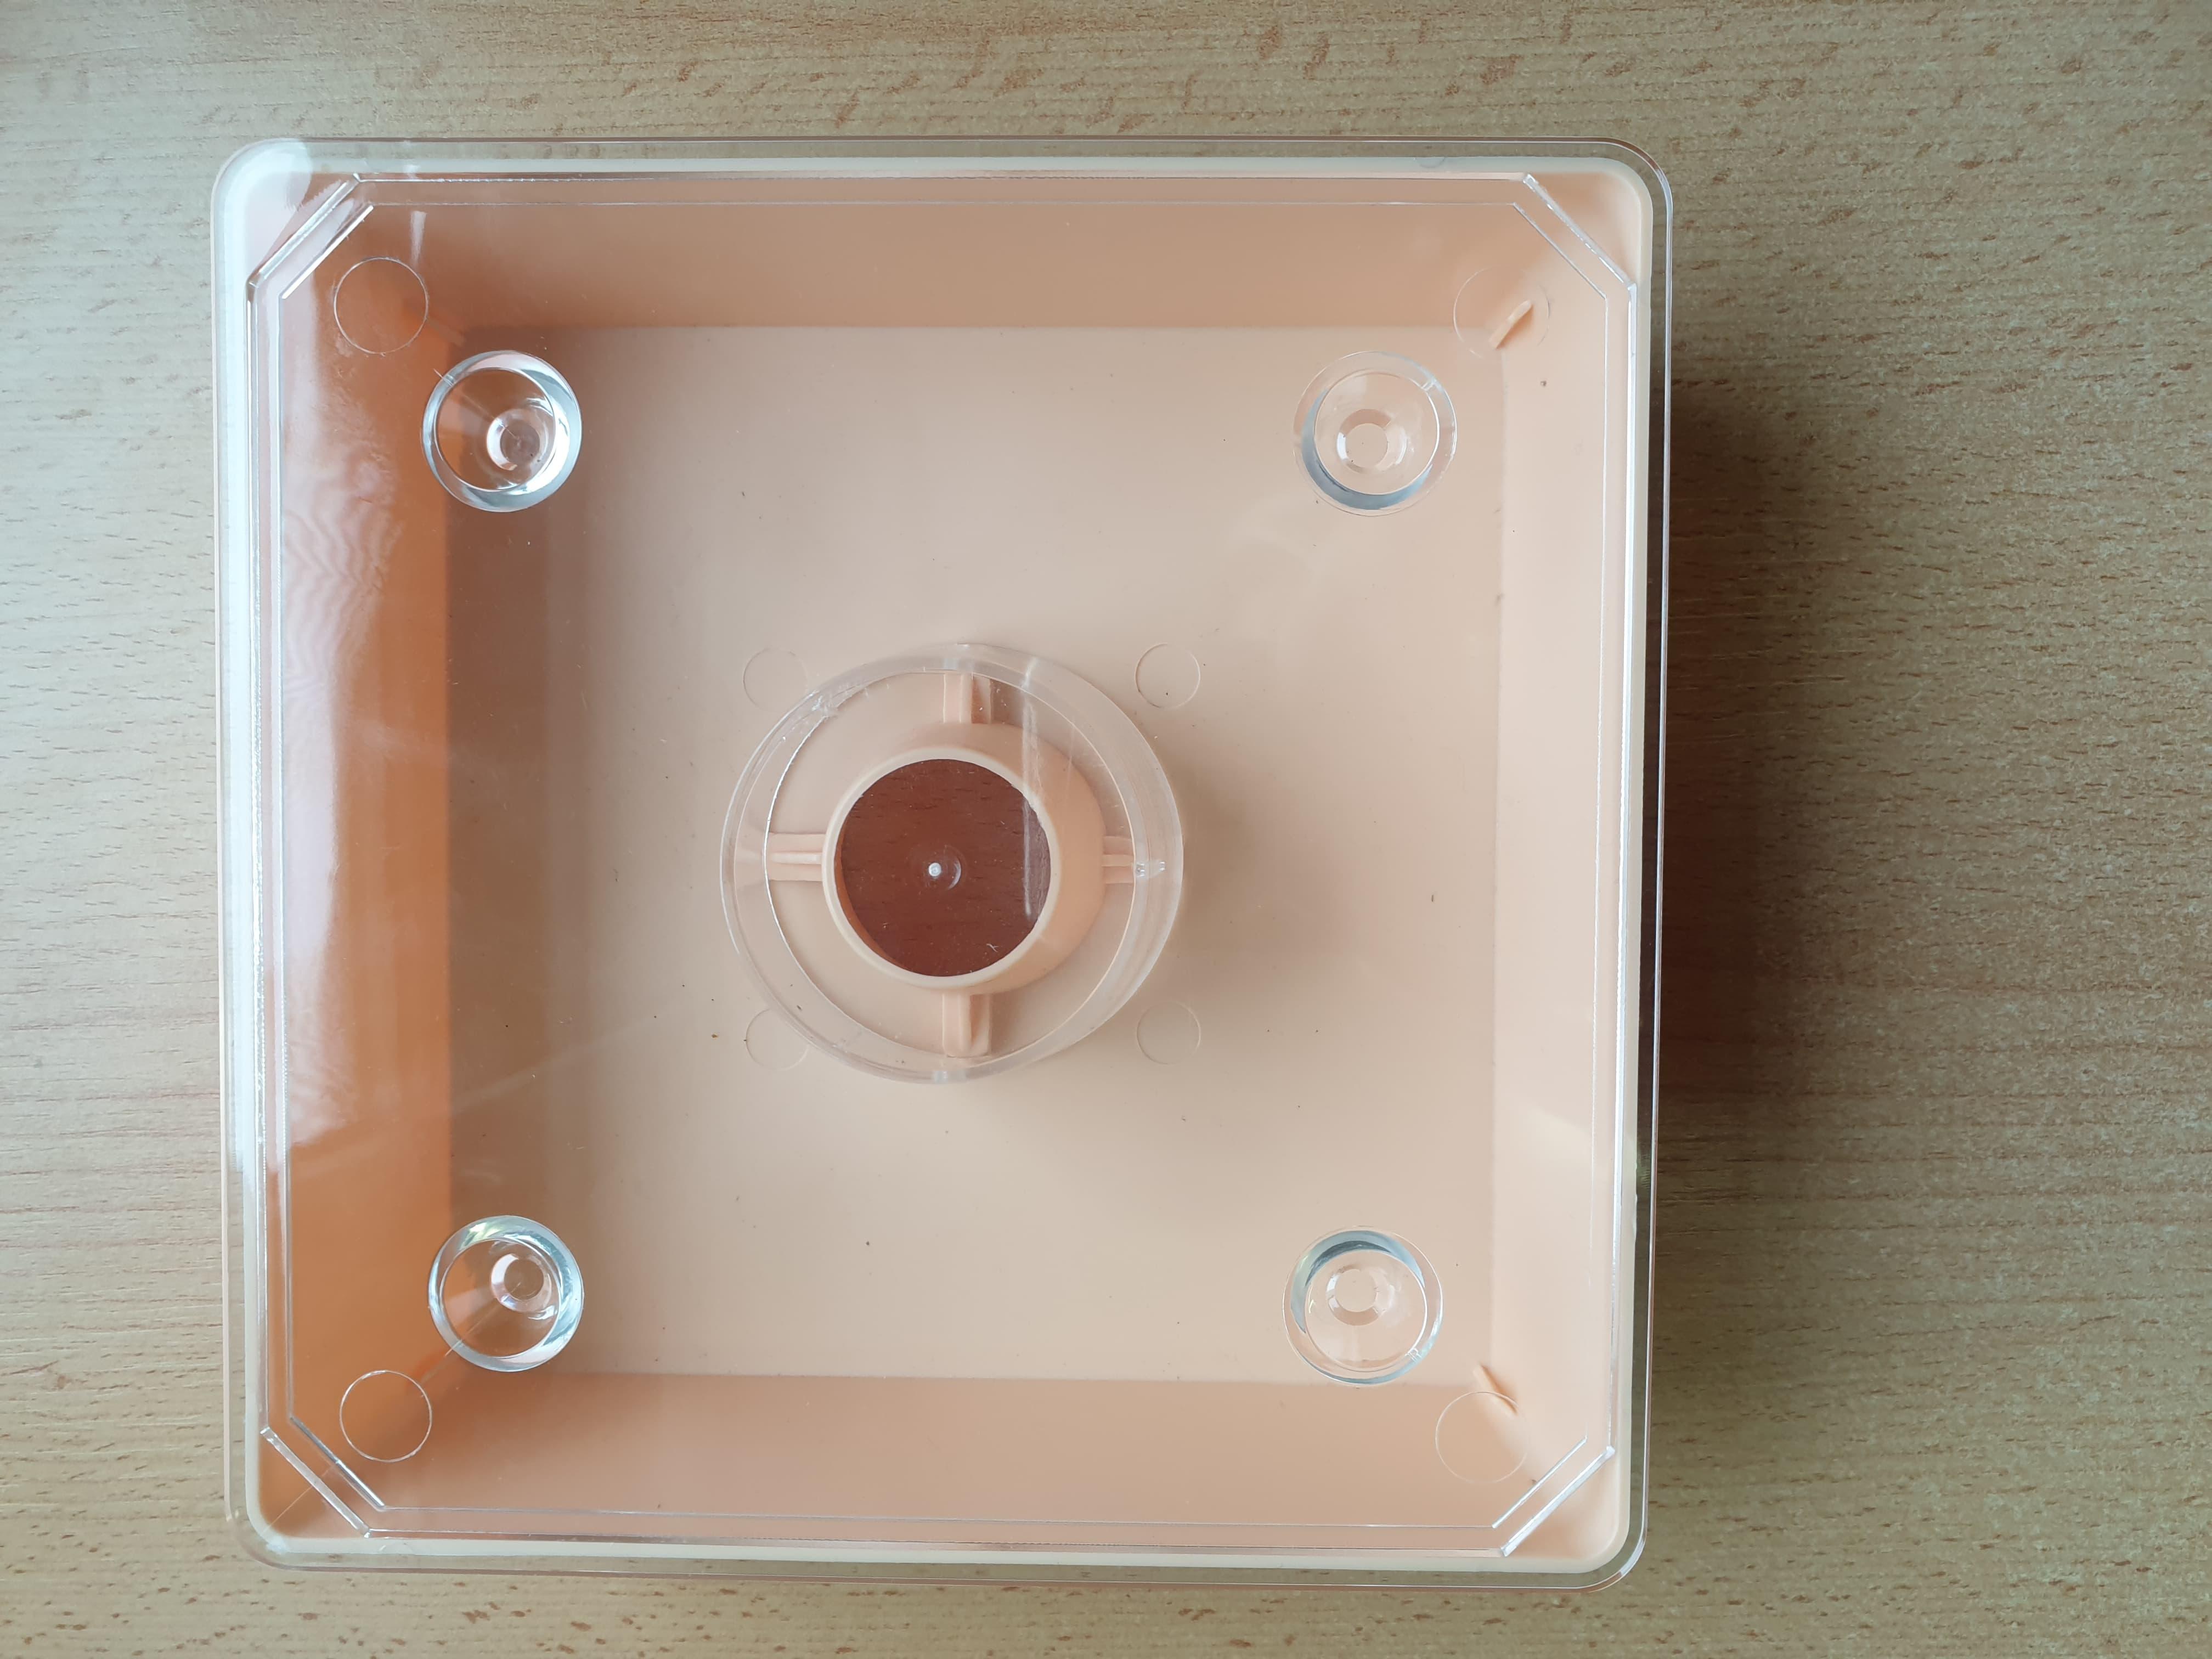 Futtertrog 1 Liter viereckig aus Hartplastik, 5,4 cm hoch, 18 x 18 cm